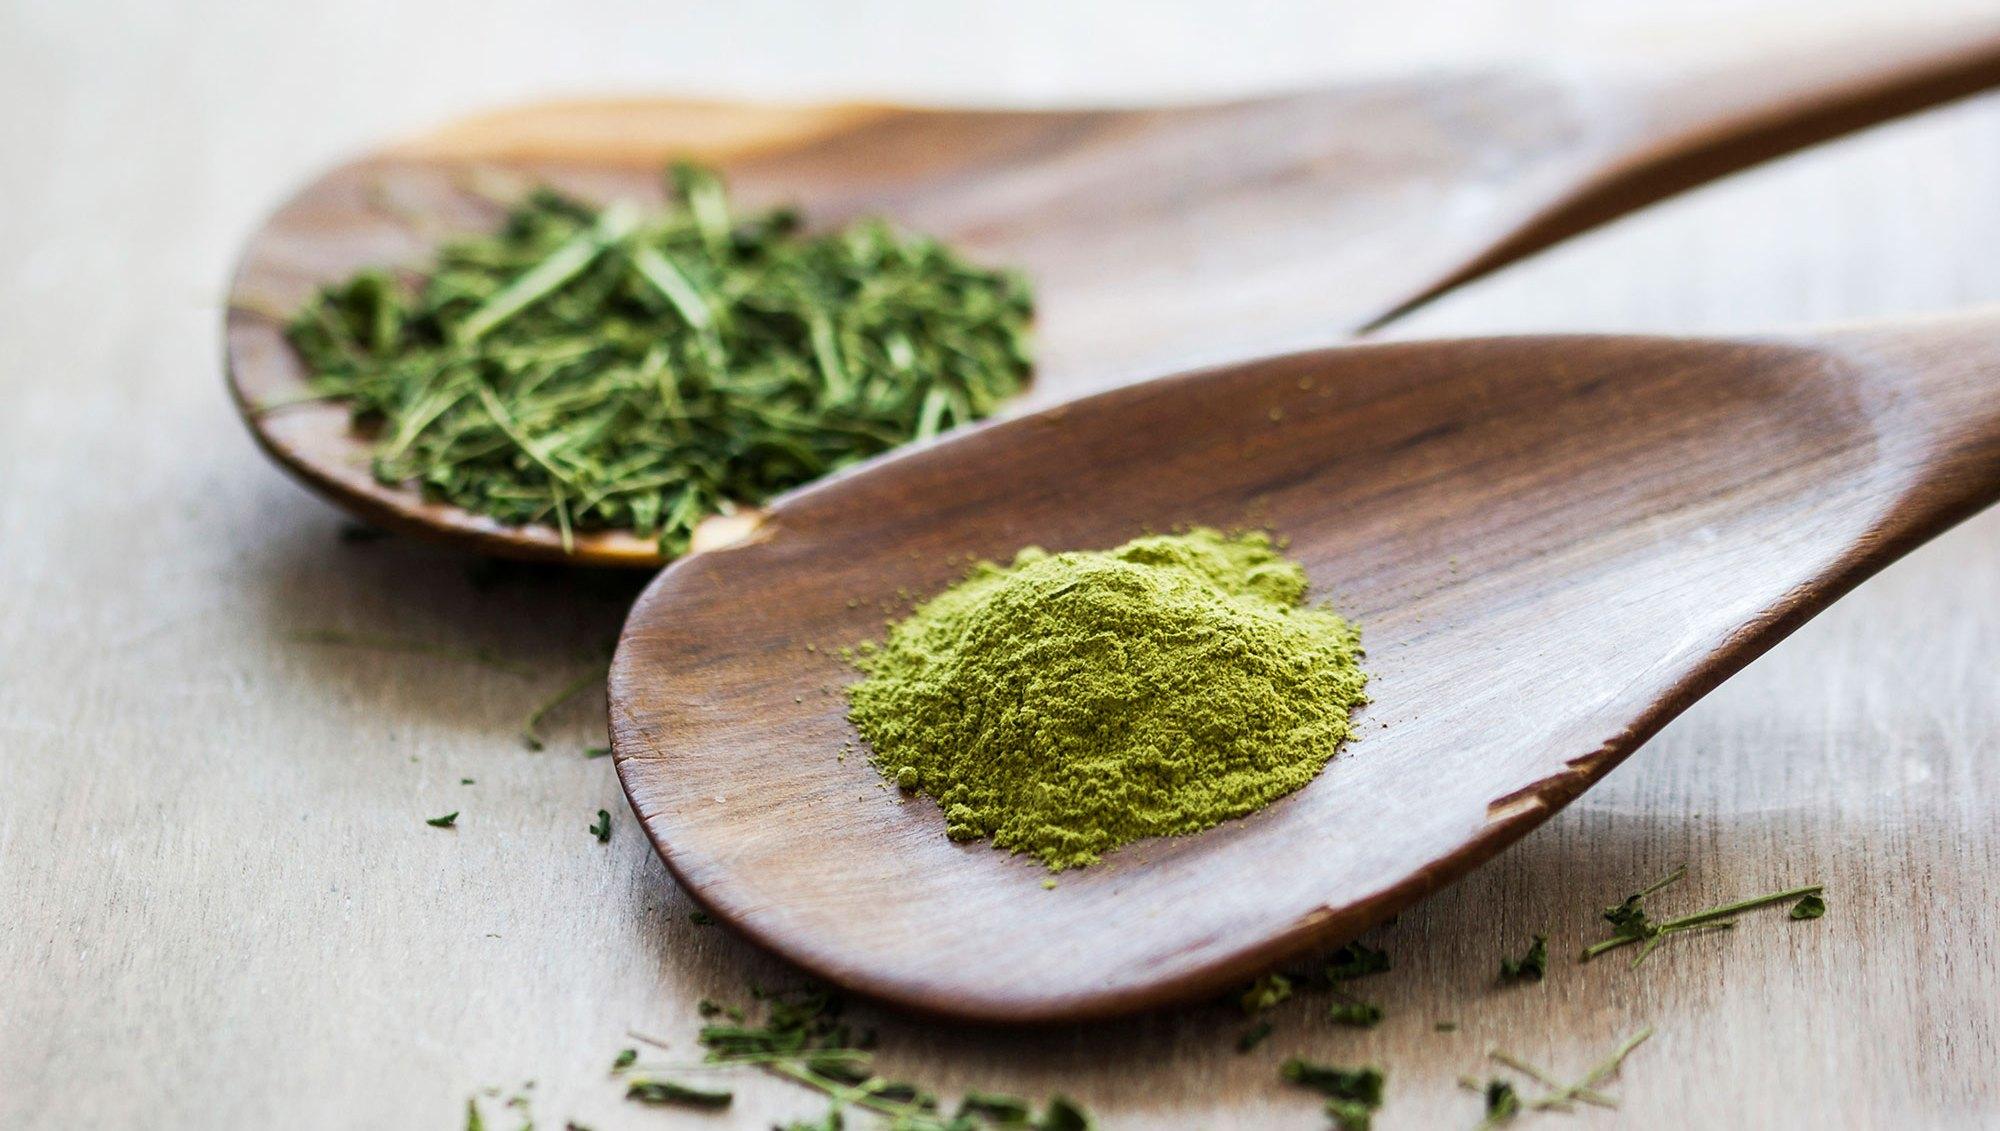 Moringa and Moringa powder